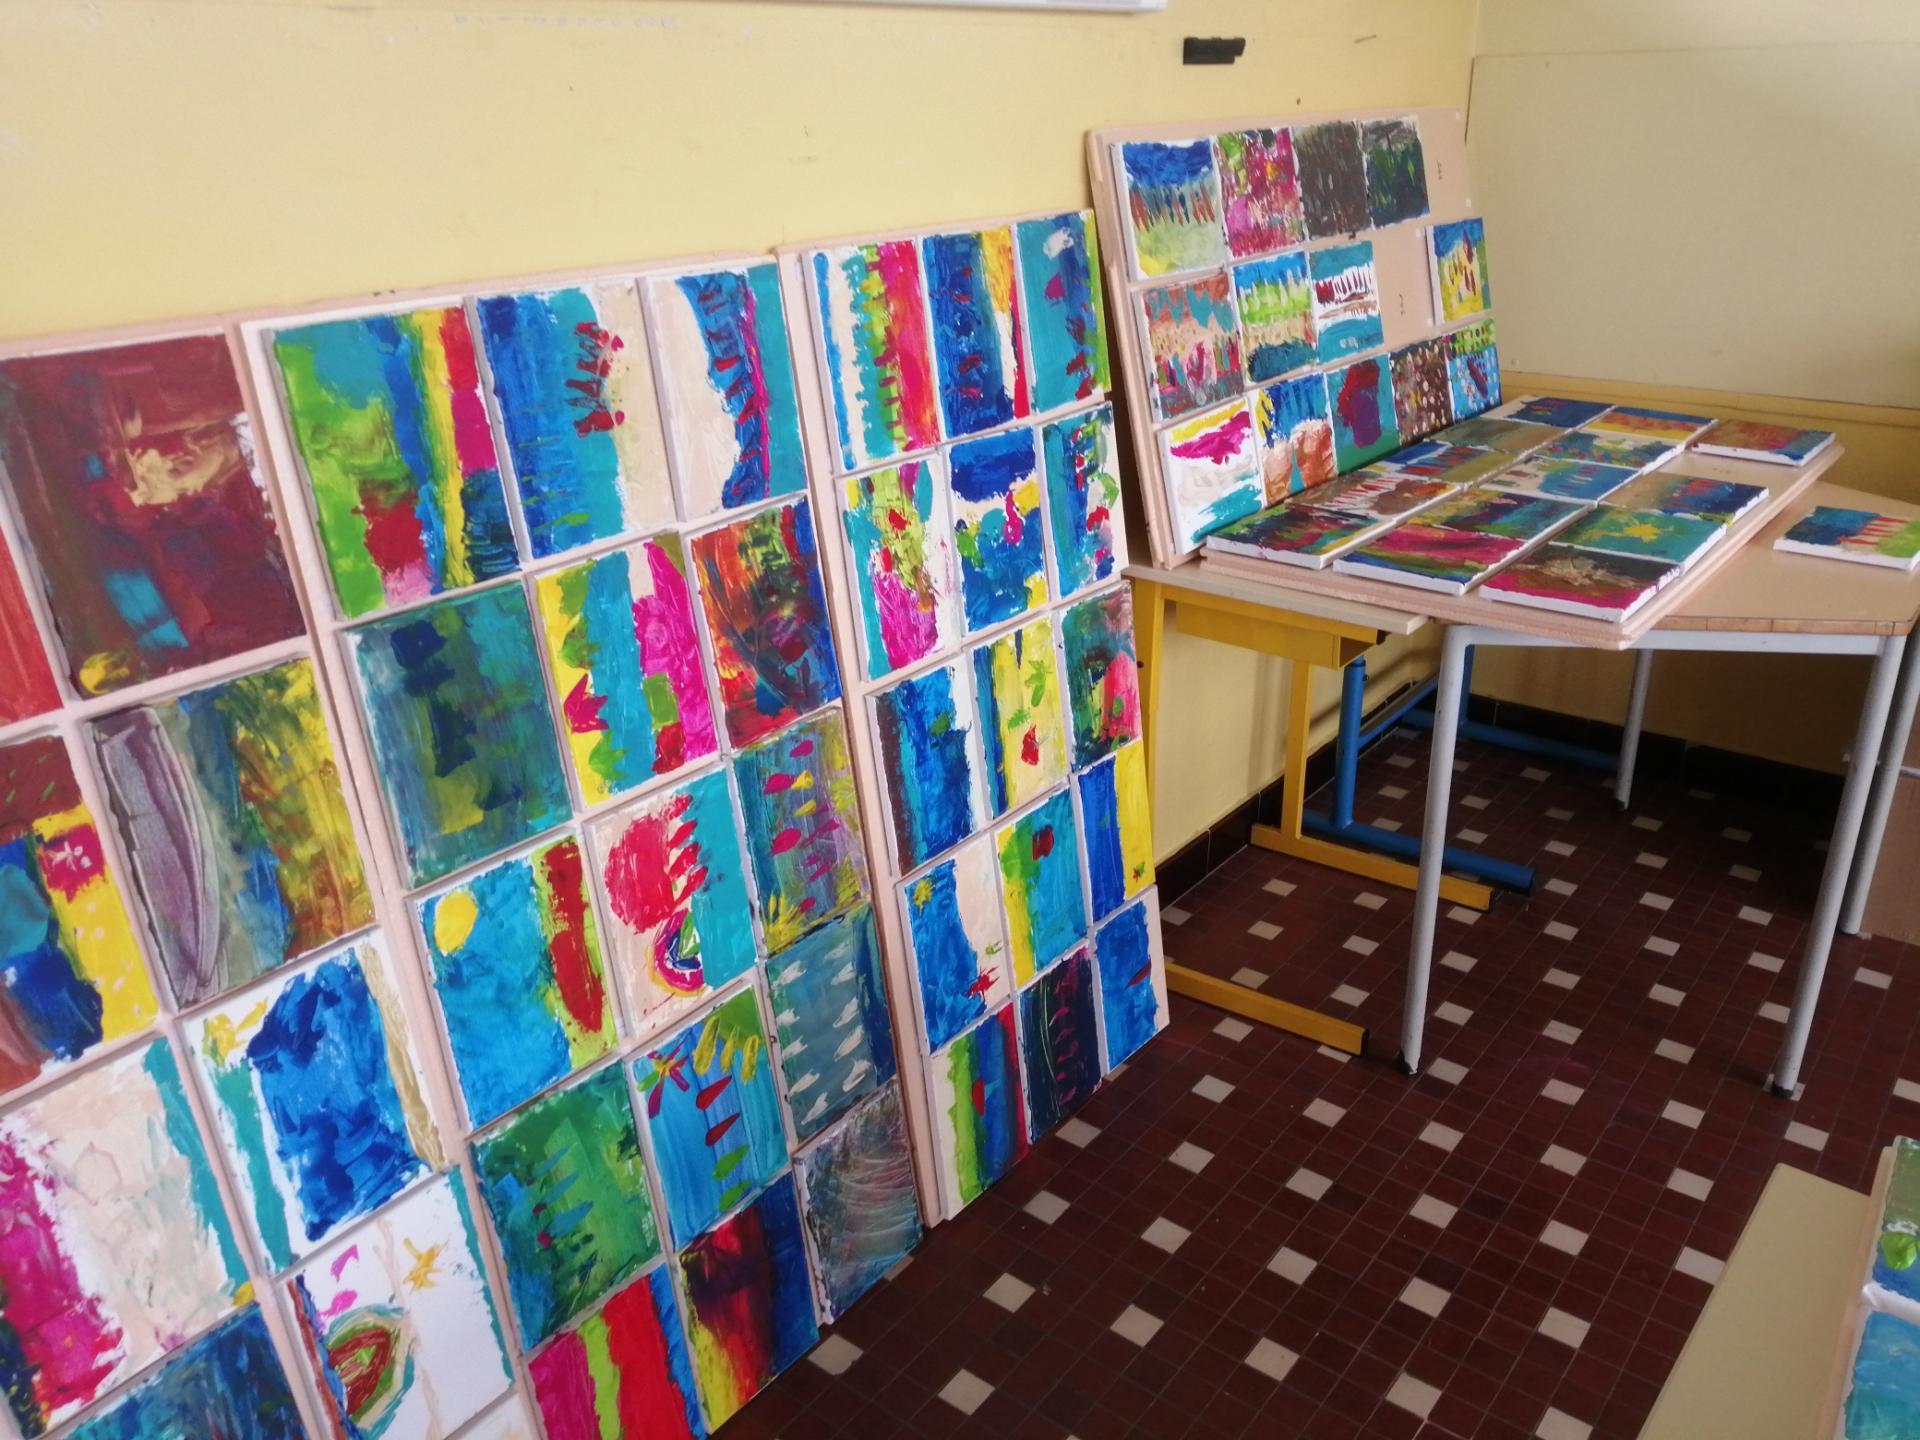 plus de 350 toiles assemblées pour realiser une oeuvre collective